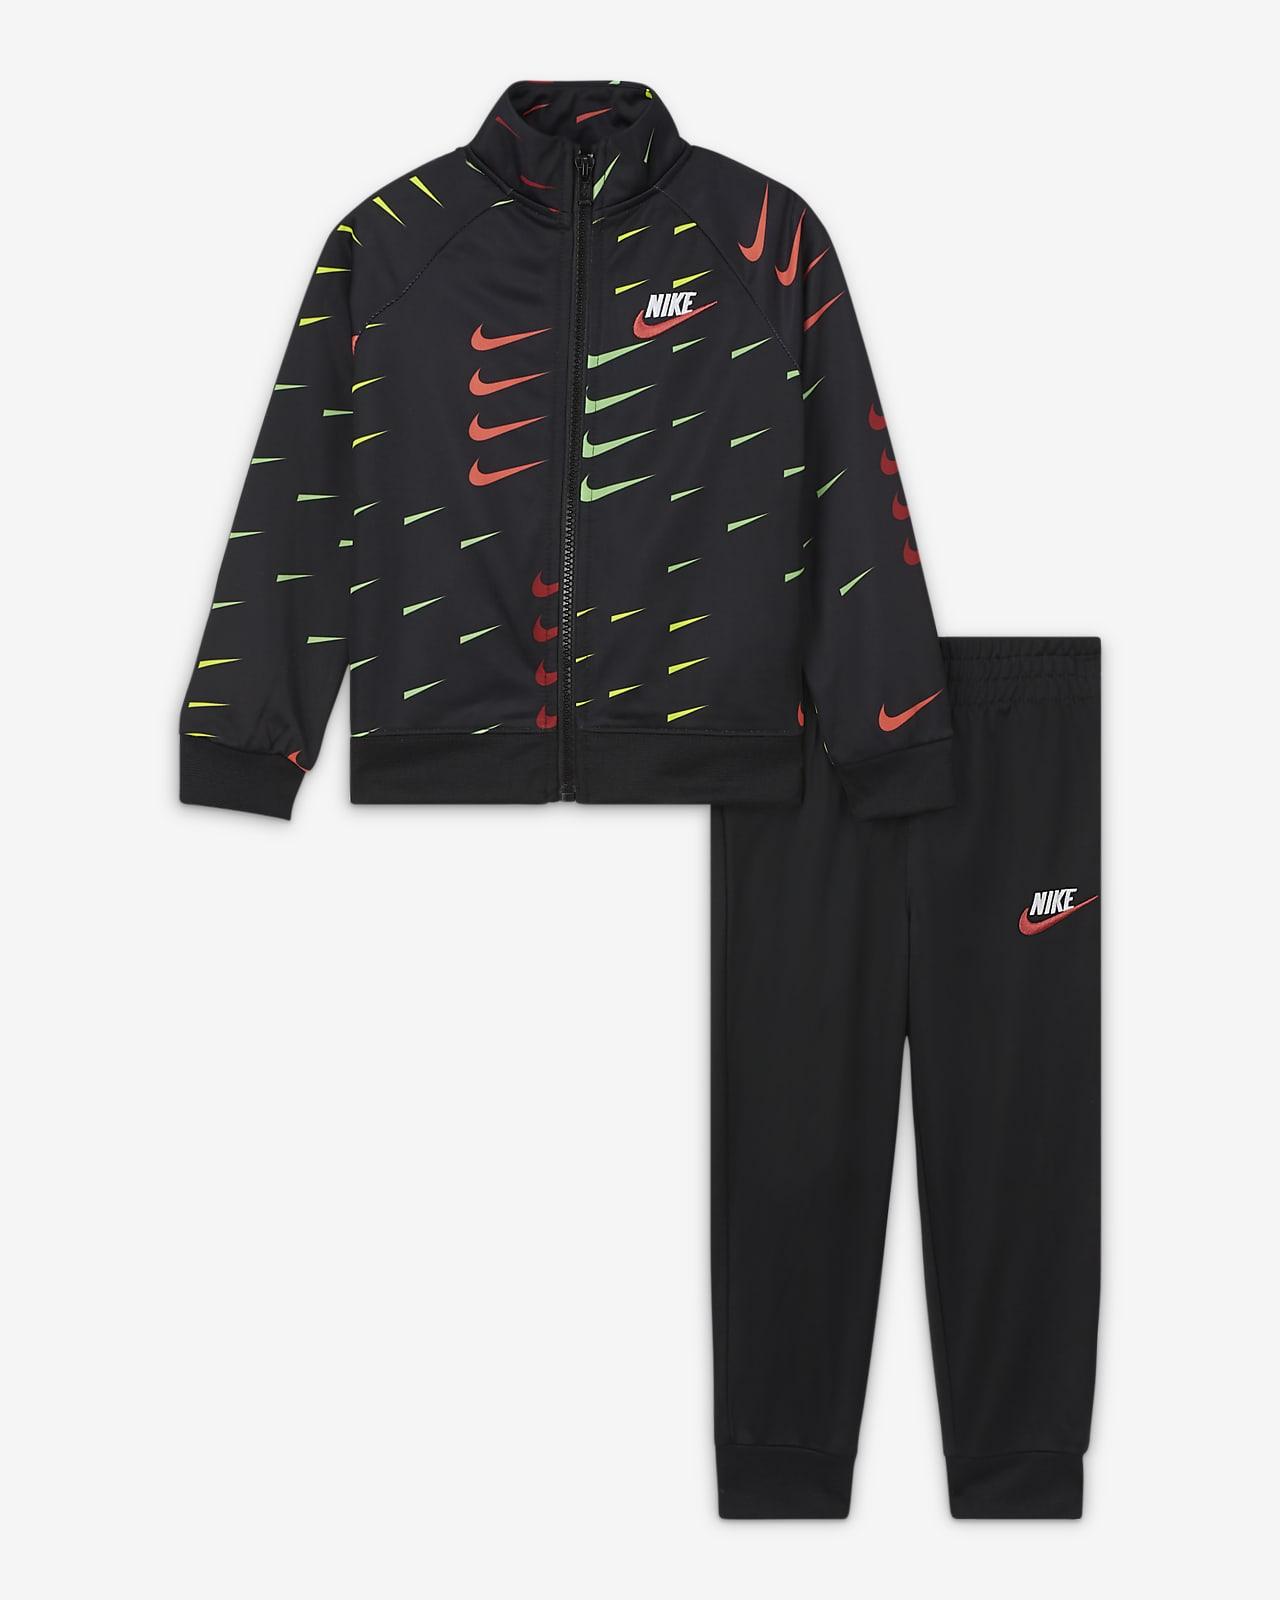 Φόρμα Nike για νήπια